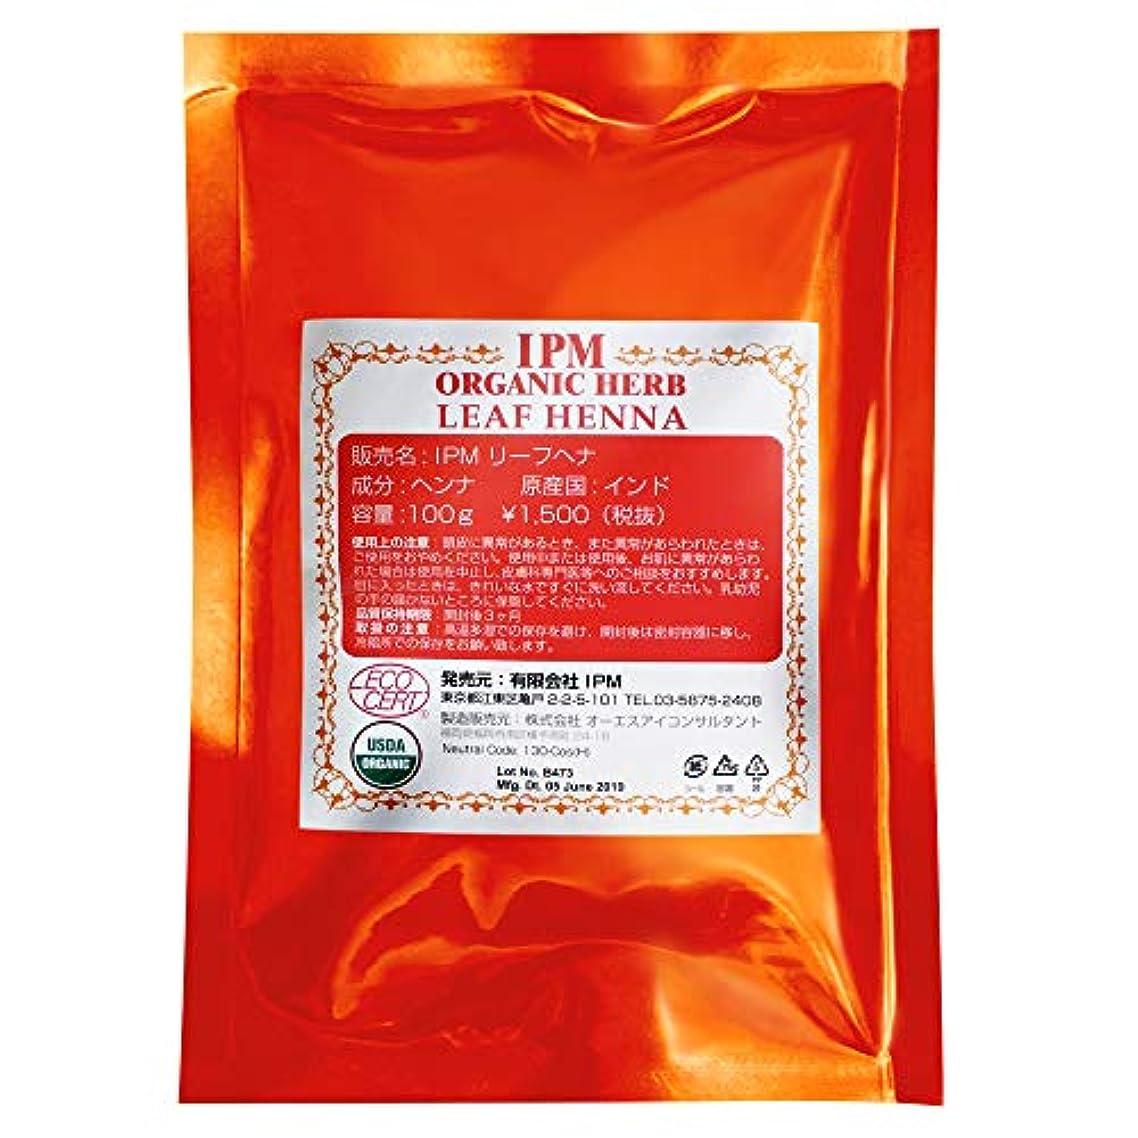 直径凍結忠実IPM ヘナ 500g (100g×5)